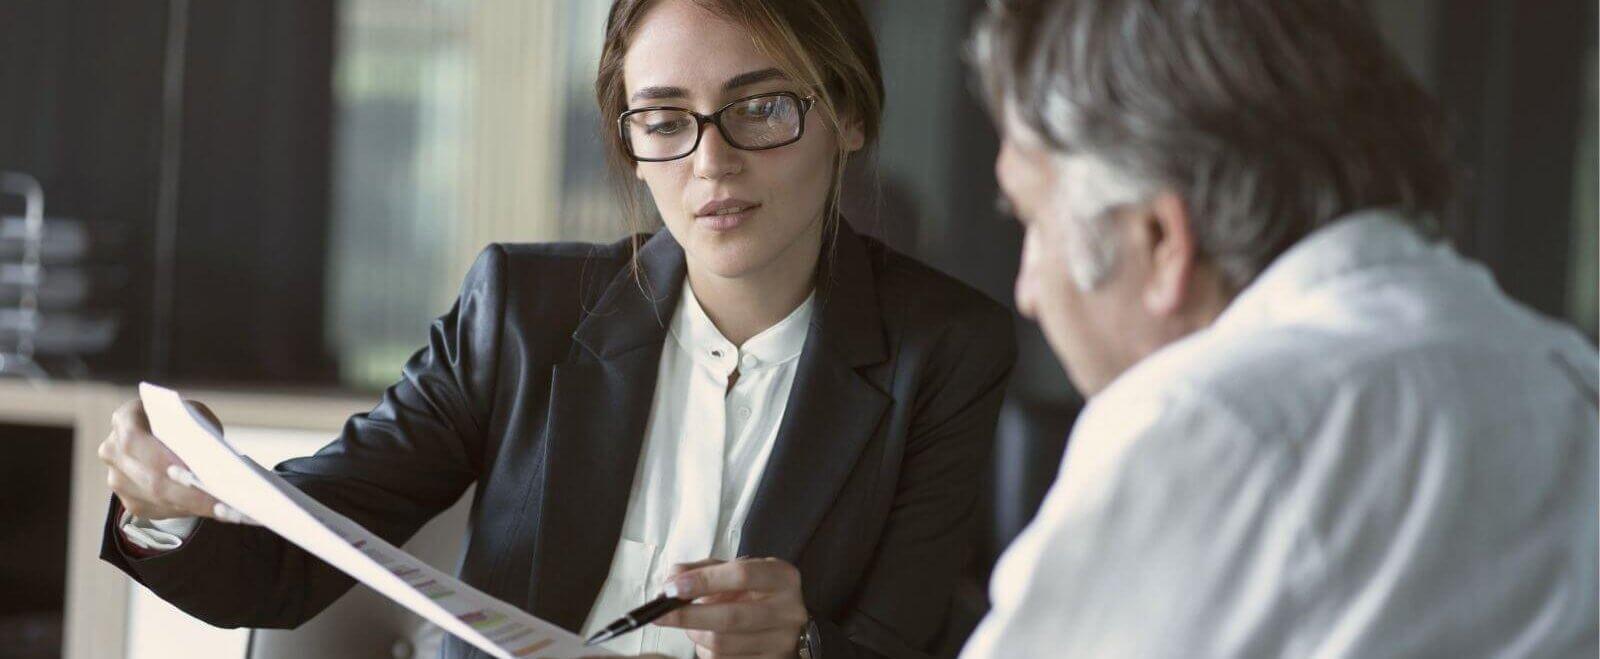 Geschäftsmodell Beraterkanzlei